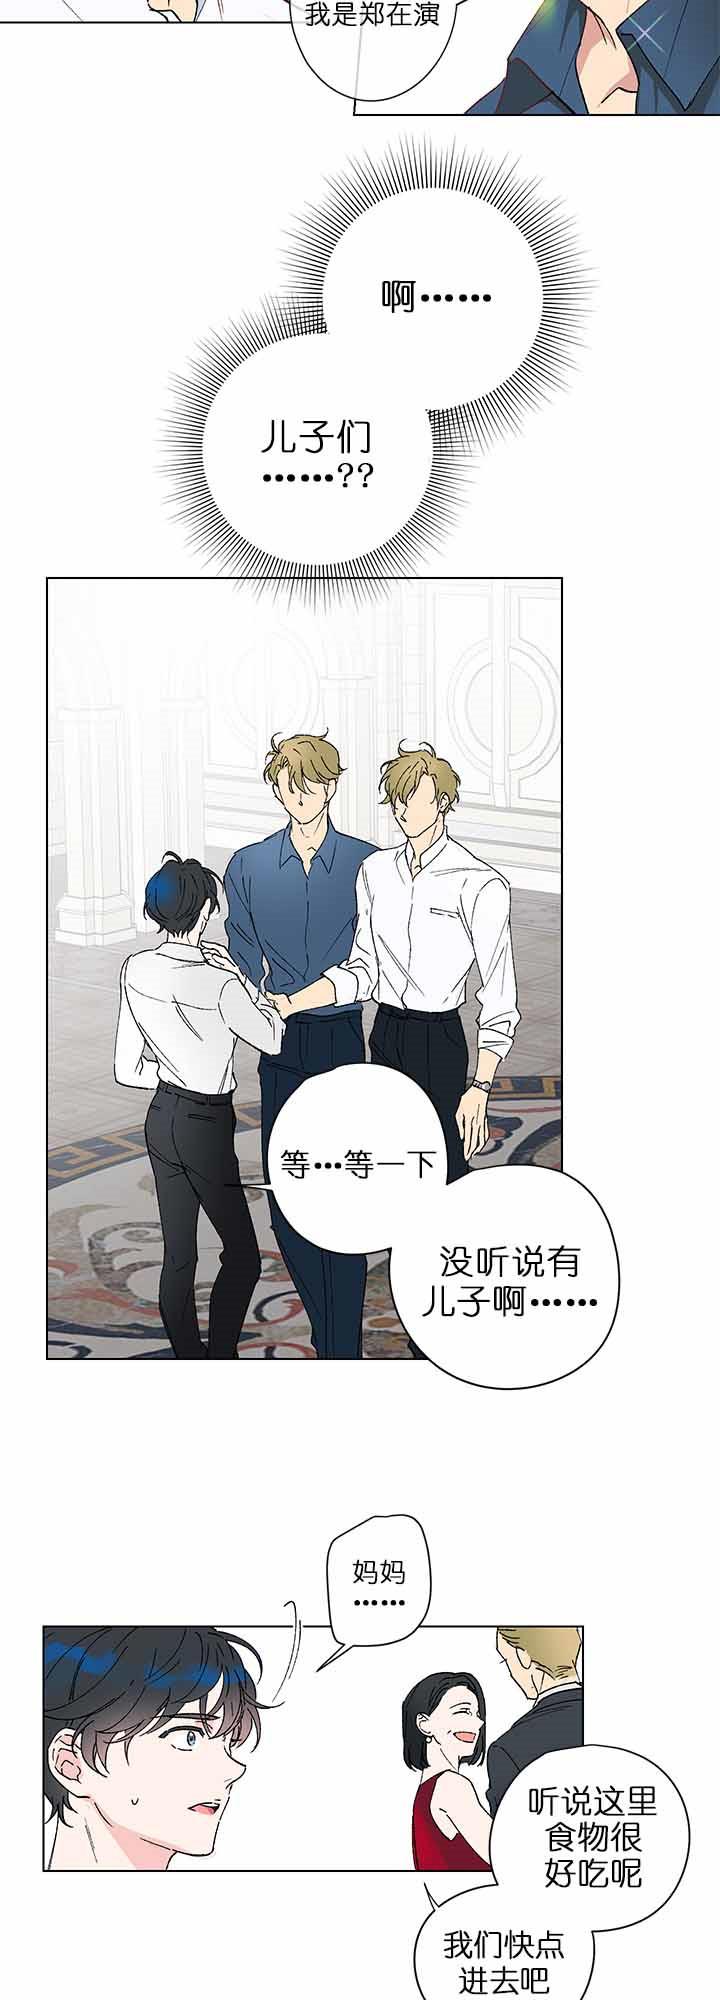 又是喜欢恩秀的一天-漫画完整版汉化_全集在线阅读连载-啵乐漫画